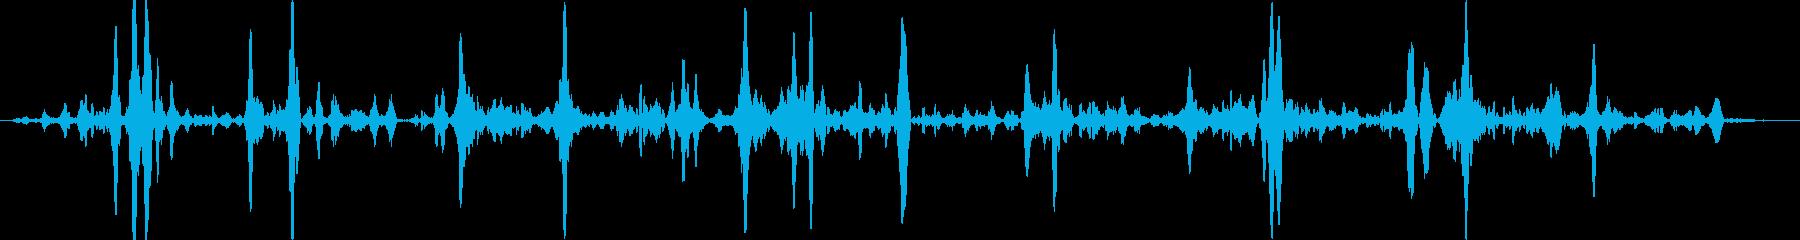 文字化けした音声ラジオビーコンを鳴...の再生済みの波形